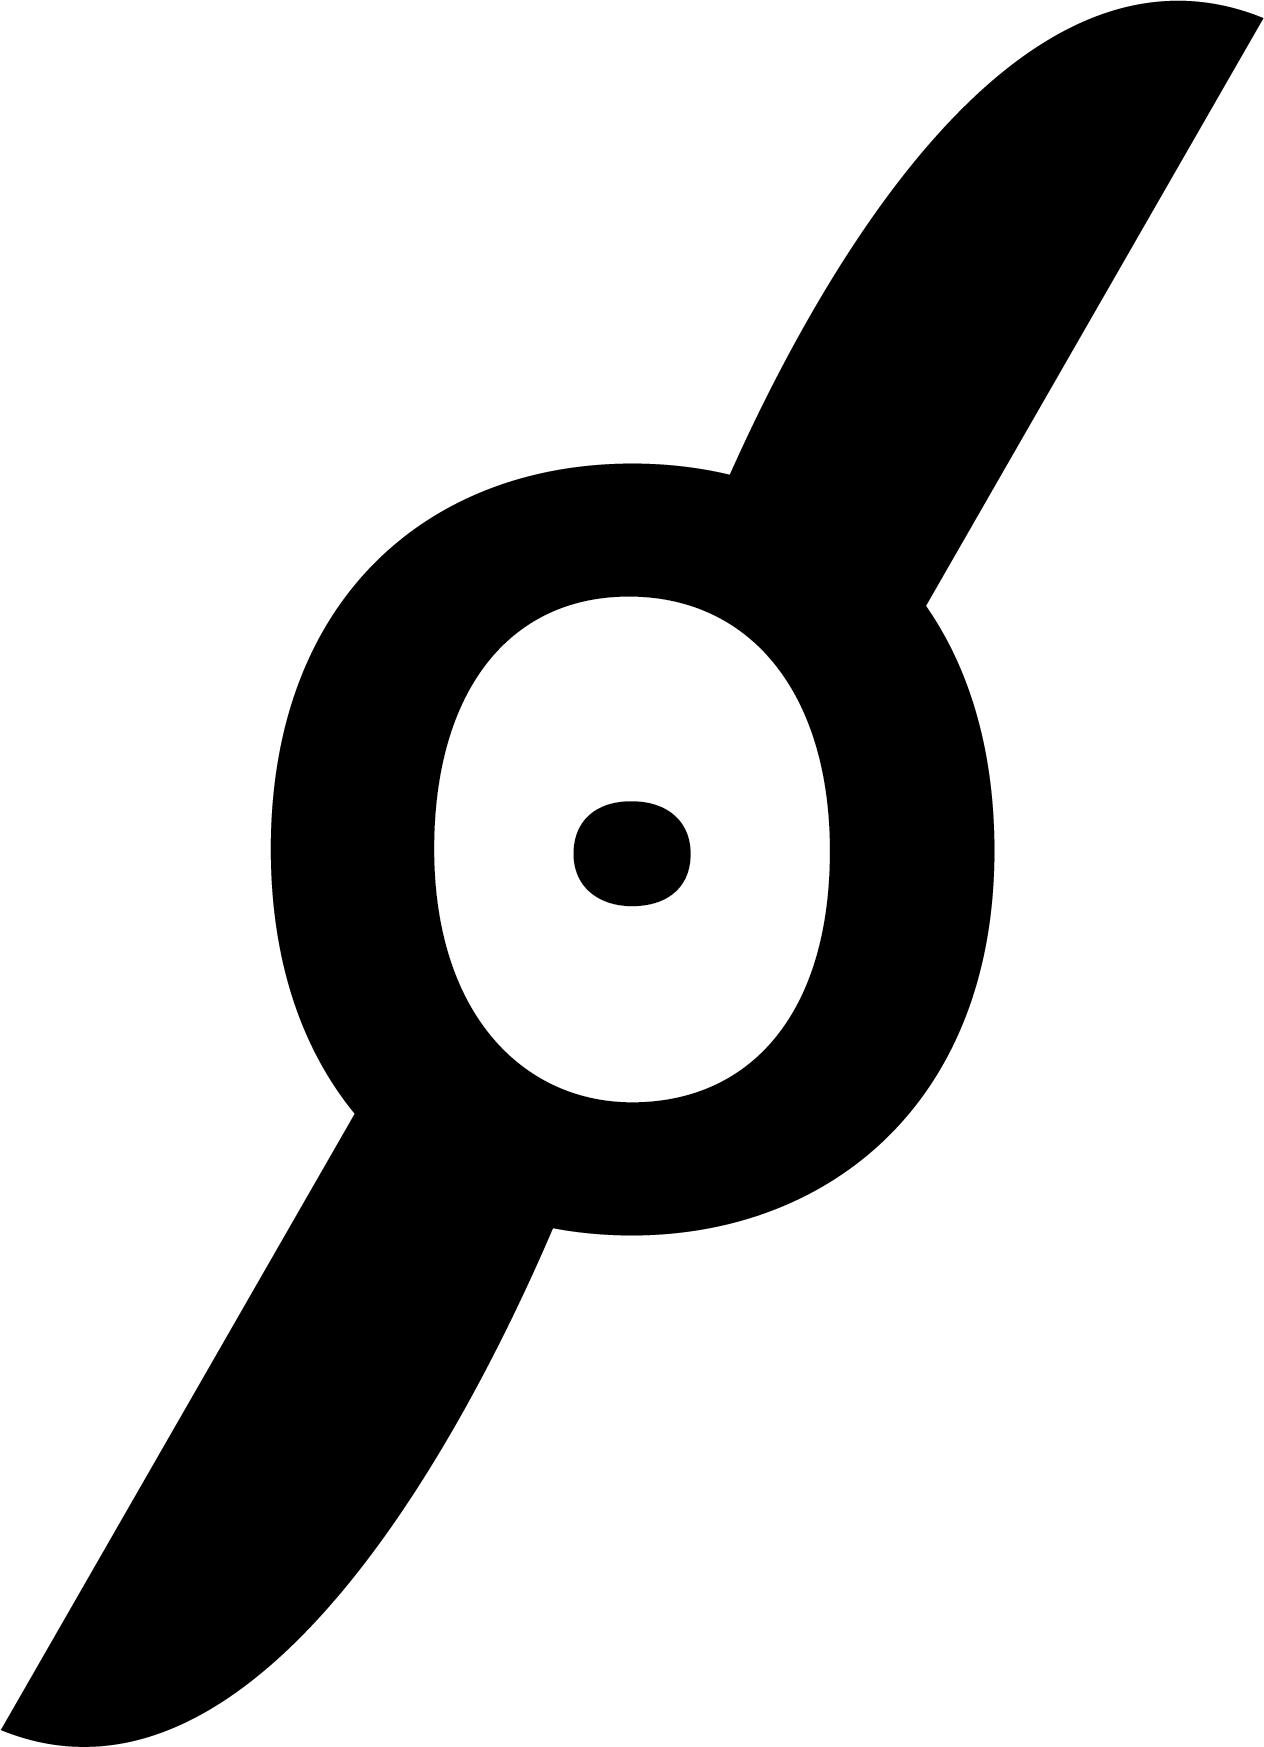 Logo design for 'Propel'.